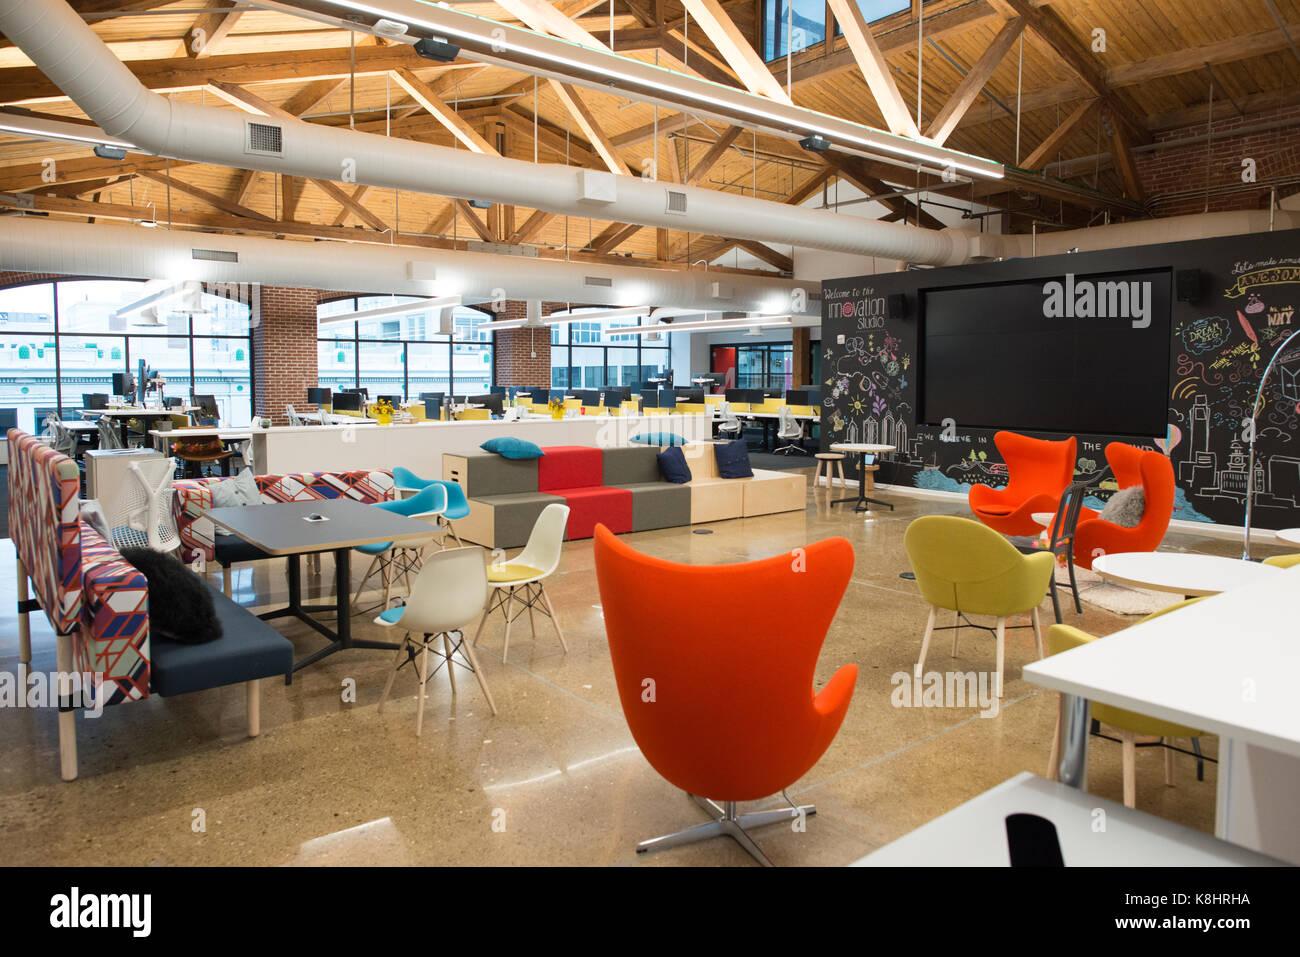 Trendigen, modernen offenen Konzept loft Büro mit großen Fenstern, Tageslicht und ein Layout Zusammenarbeit, Kreativität Stockfoto